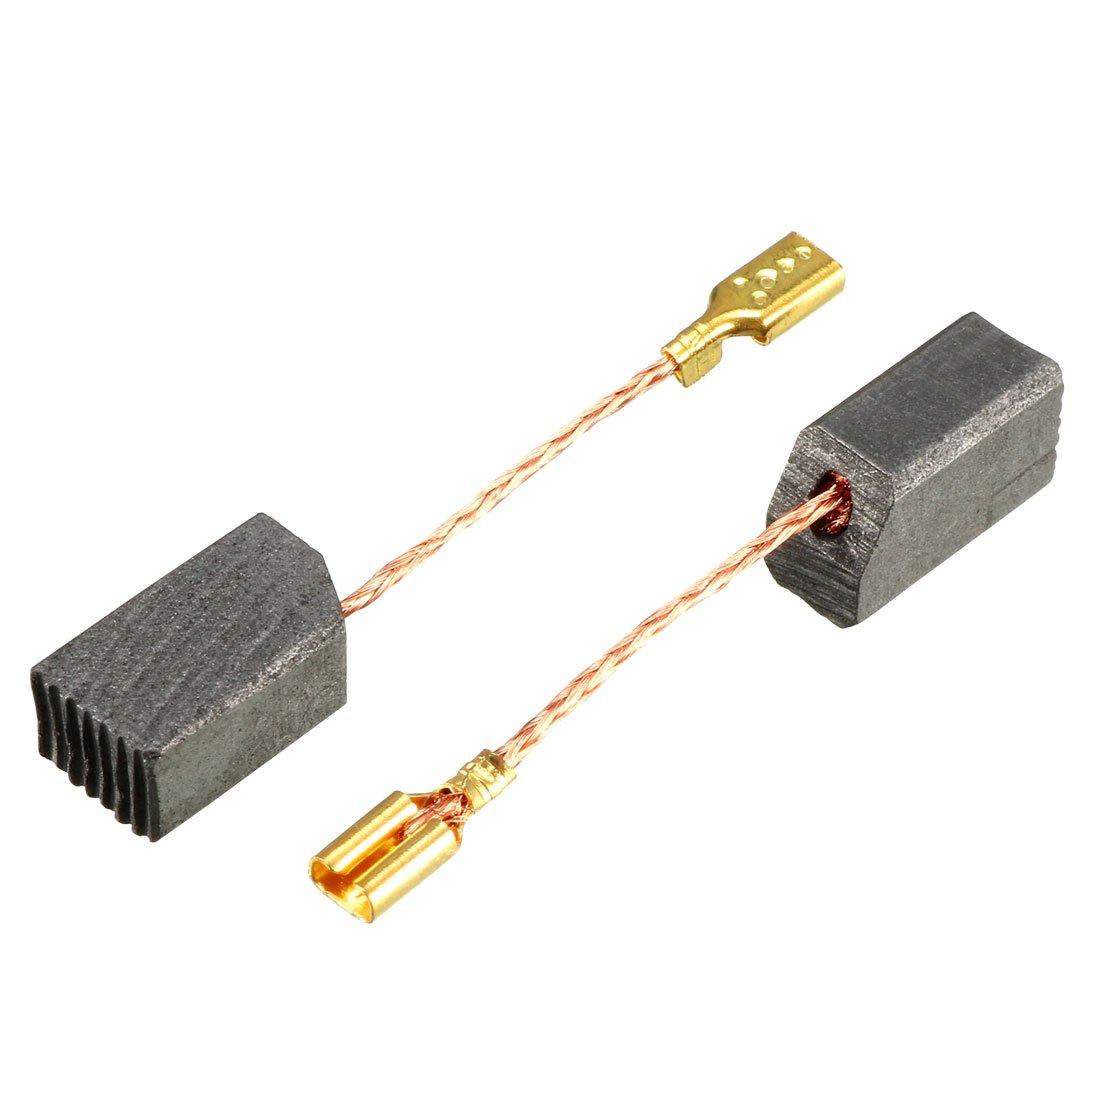 Sourcingmap - ® 2 piezas 23 mm x 16 mm x 6 mm Motor eléctrico escobillas de carbono para amoladora de ángulo Bosch 180: Amazon.es: Bricolaje y herramientas